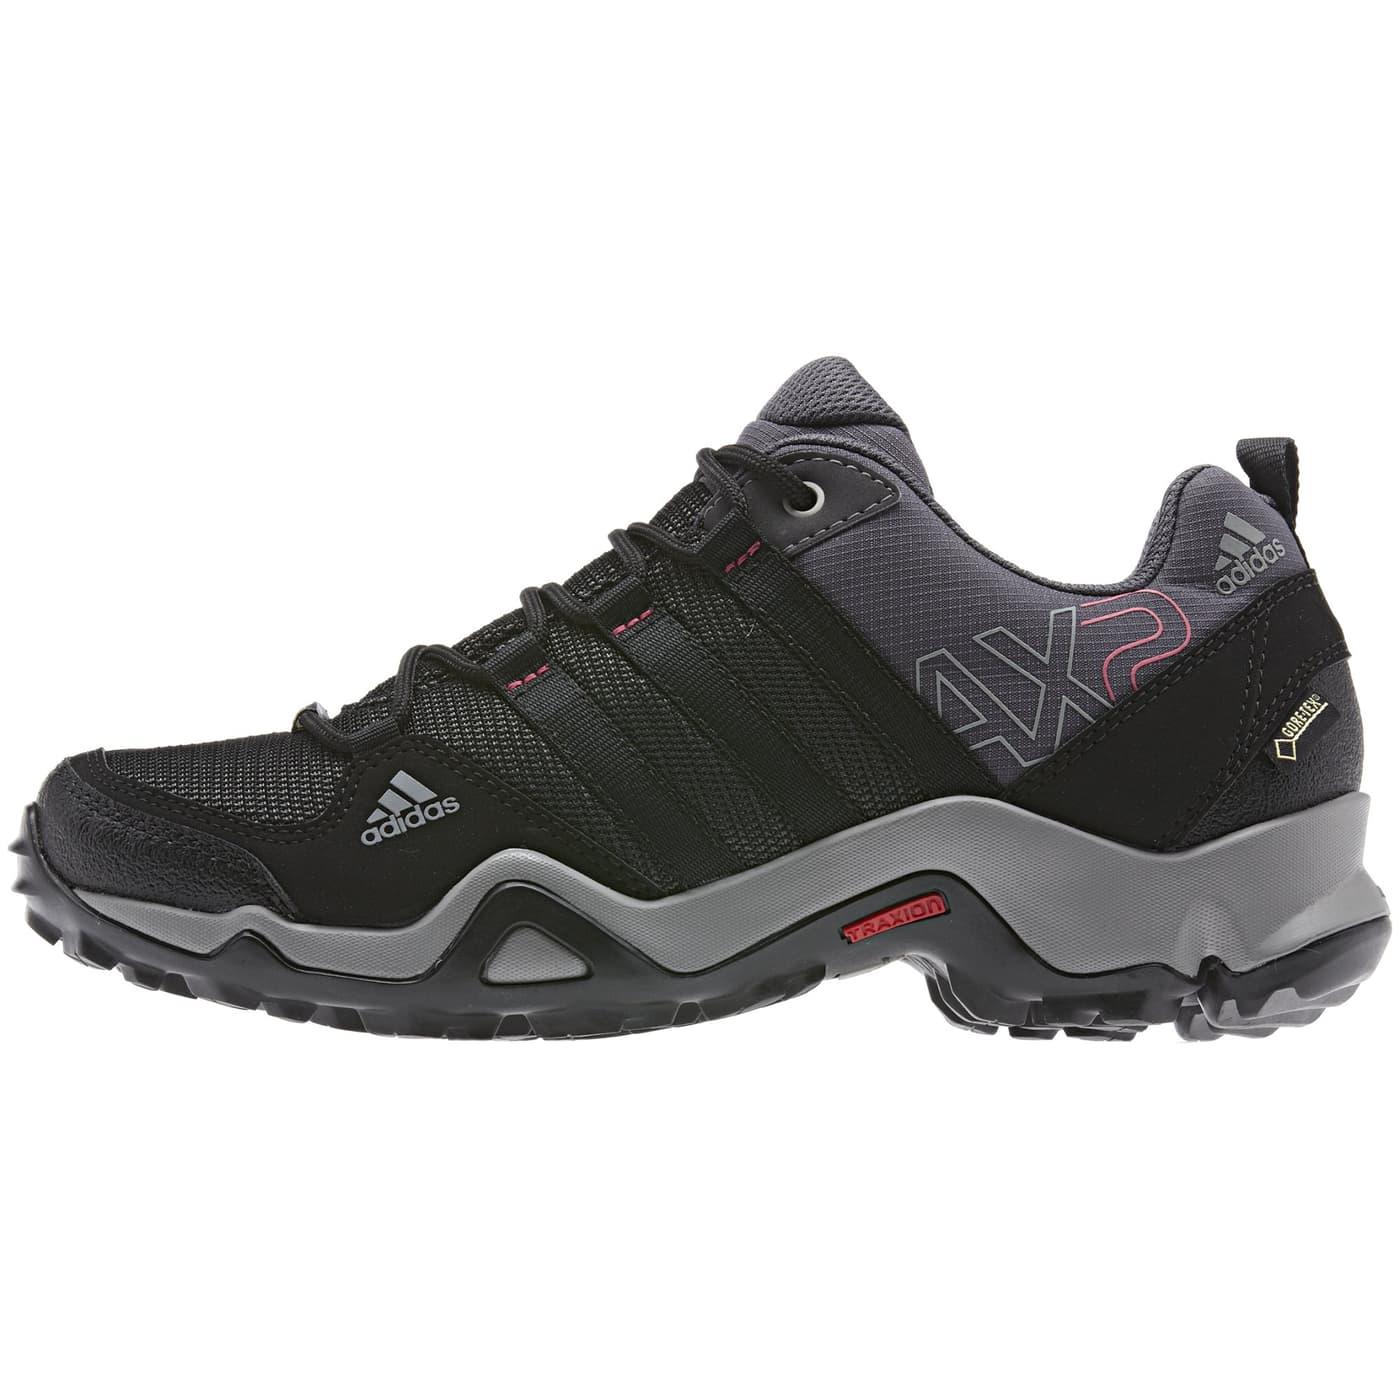 Adidas Da Ax2 Migros Gtx Multifunzione Scarpa Donna rwrTOqS